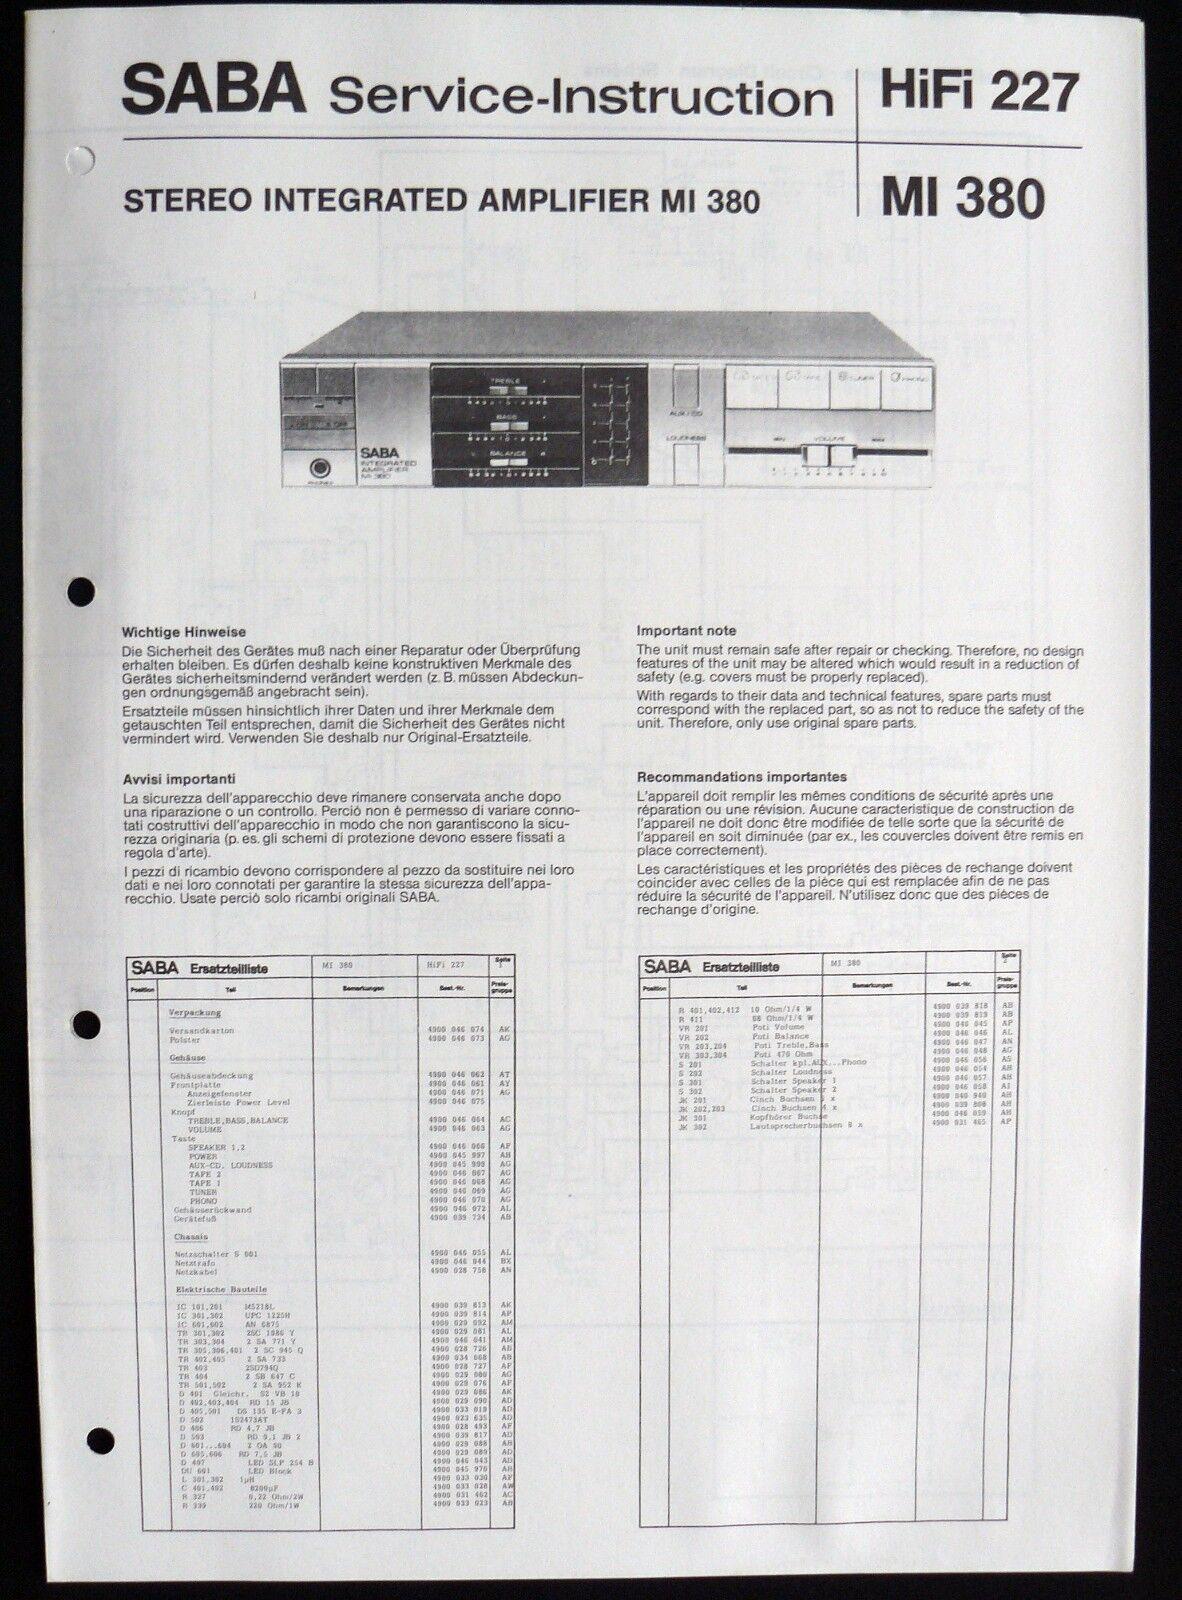 SABA HiFi 227 - Amplifier MI 380 Schaltbild Ersatzteilliste Service-Instruction